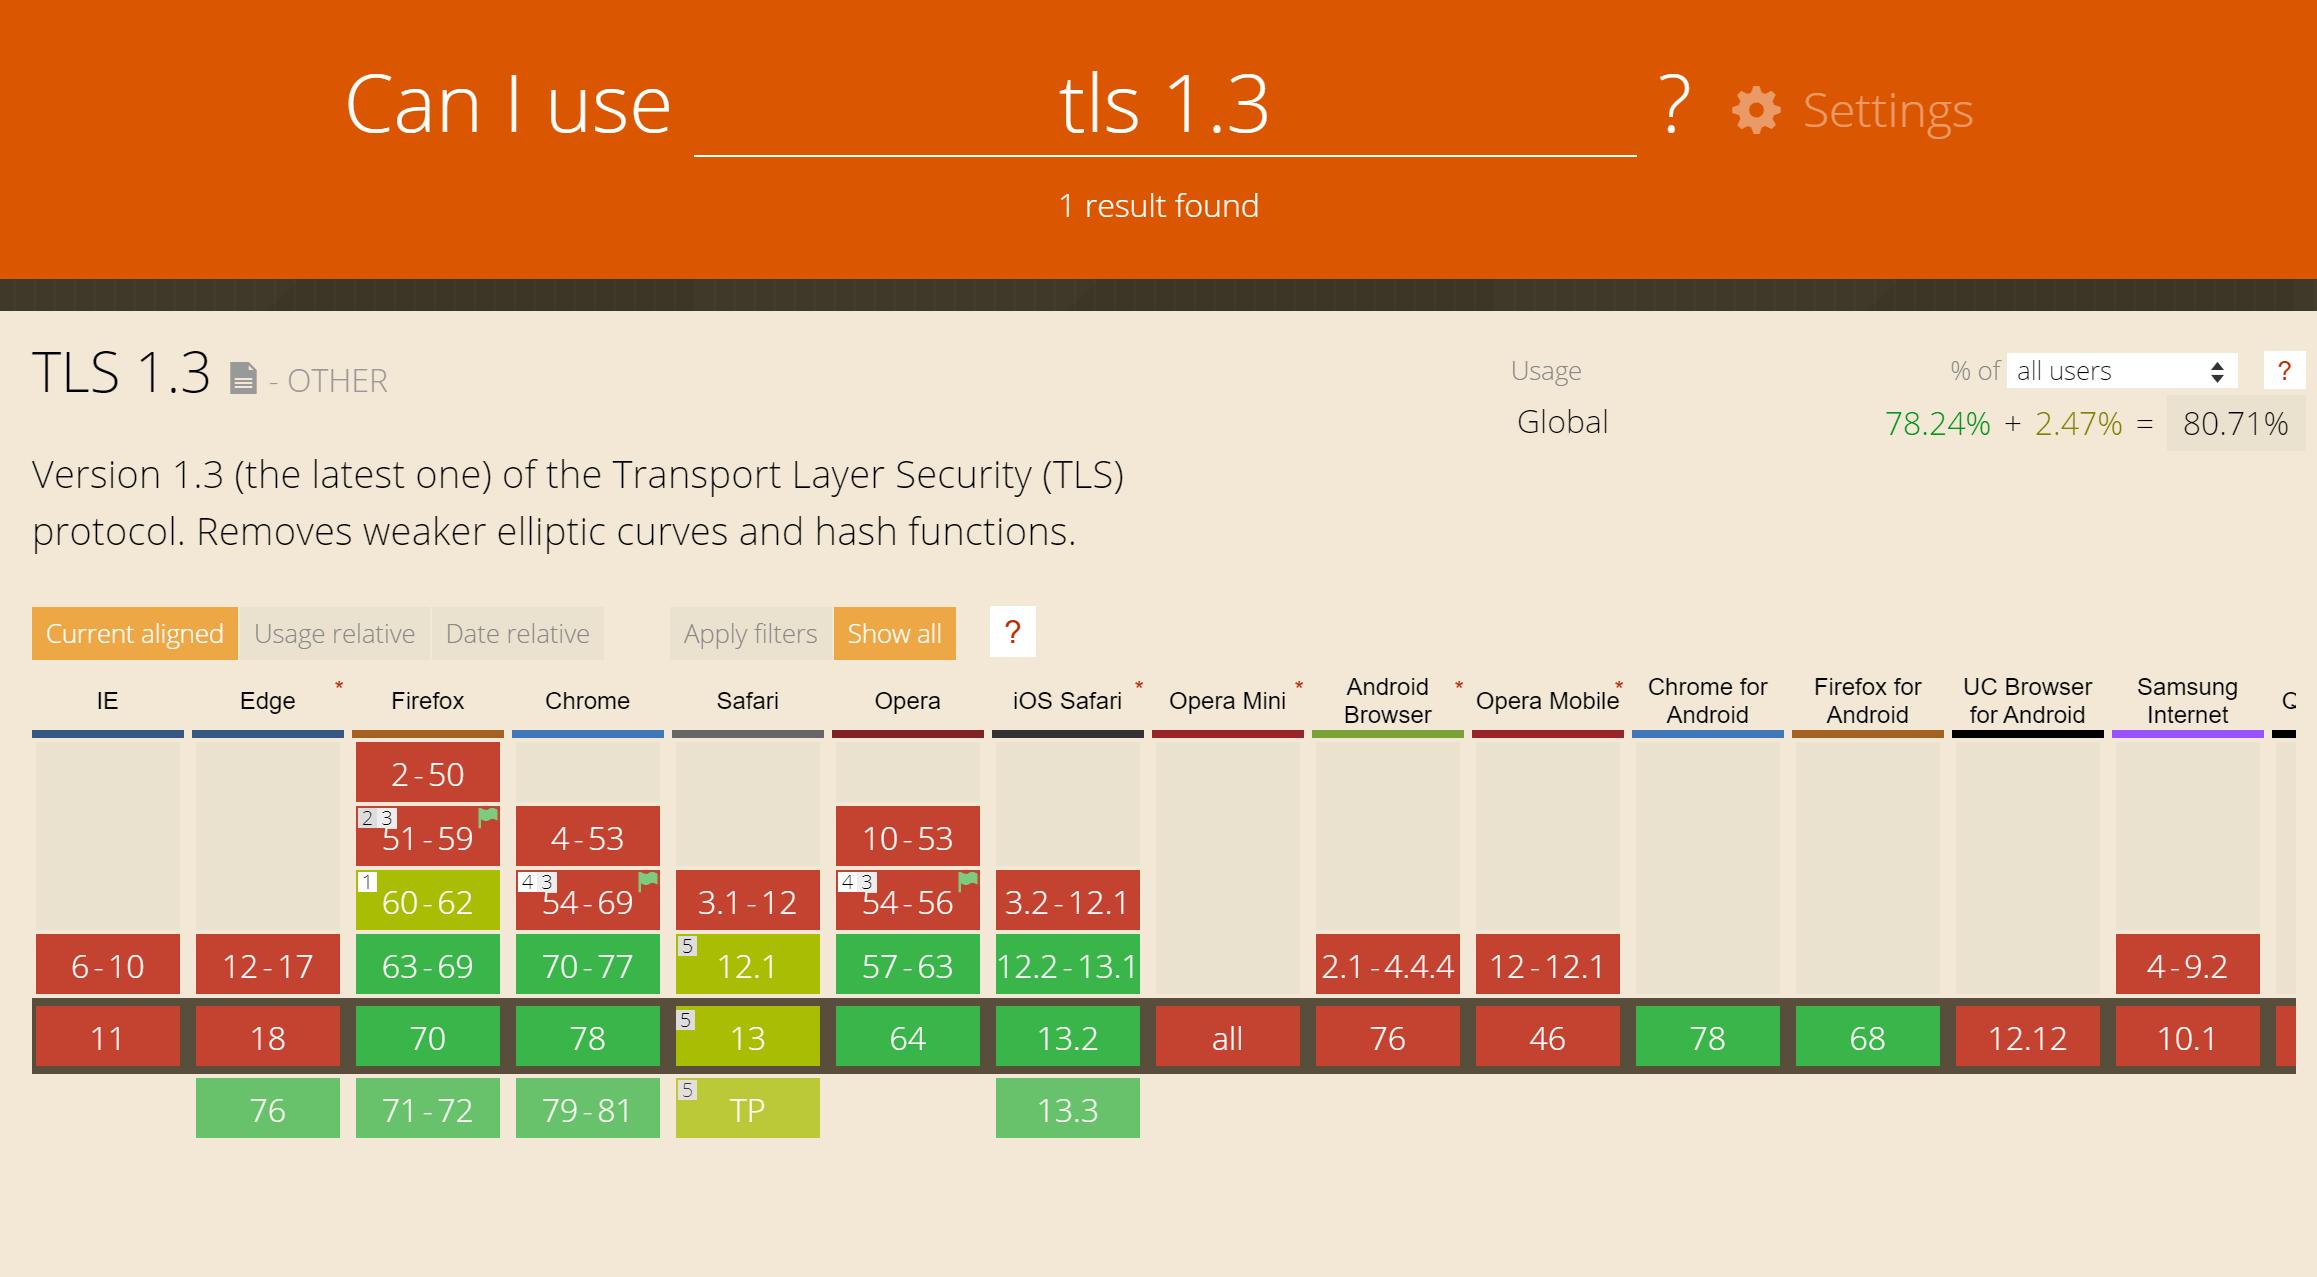 TLS 1.3 webbläsarstöd